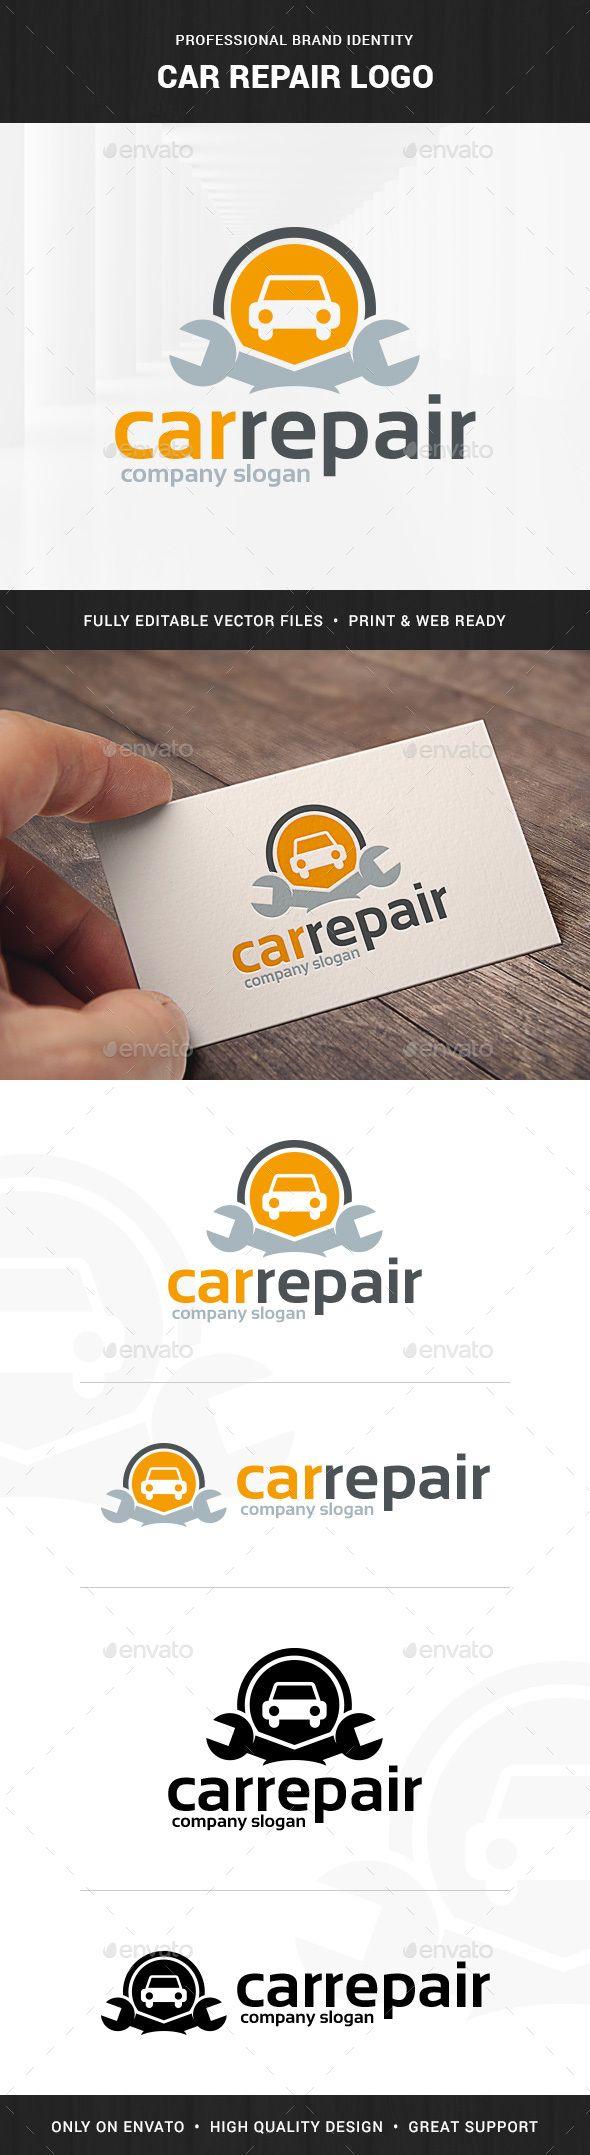 Car Repair  - Logo Design Template Vector #logotype Download it here: http://graphicriver.net/item/car-repair-logo-template/10034279?s_rank=909?ref=nesto